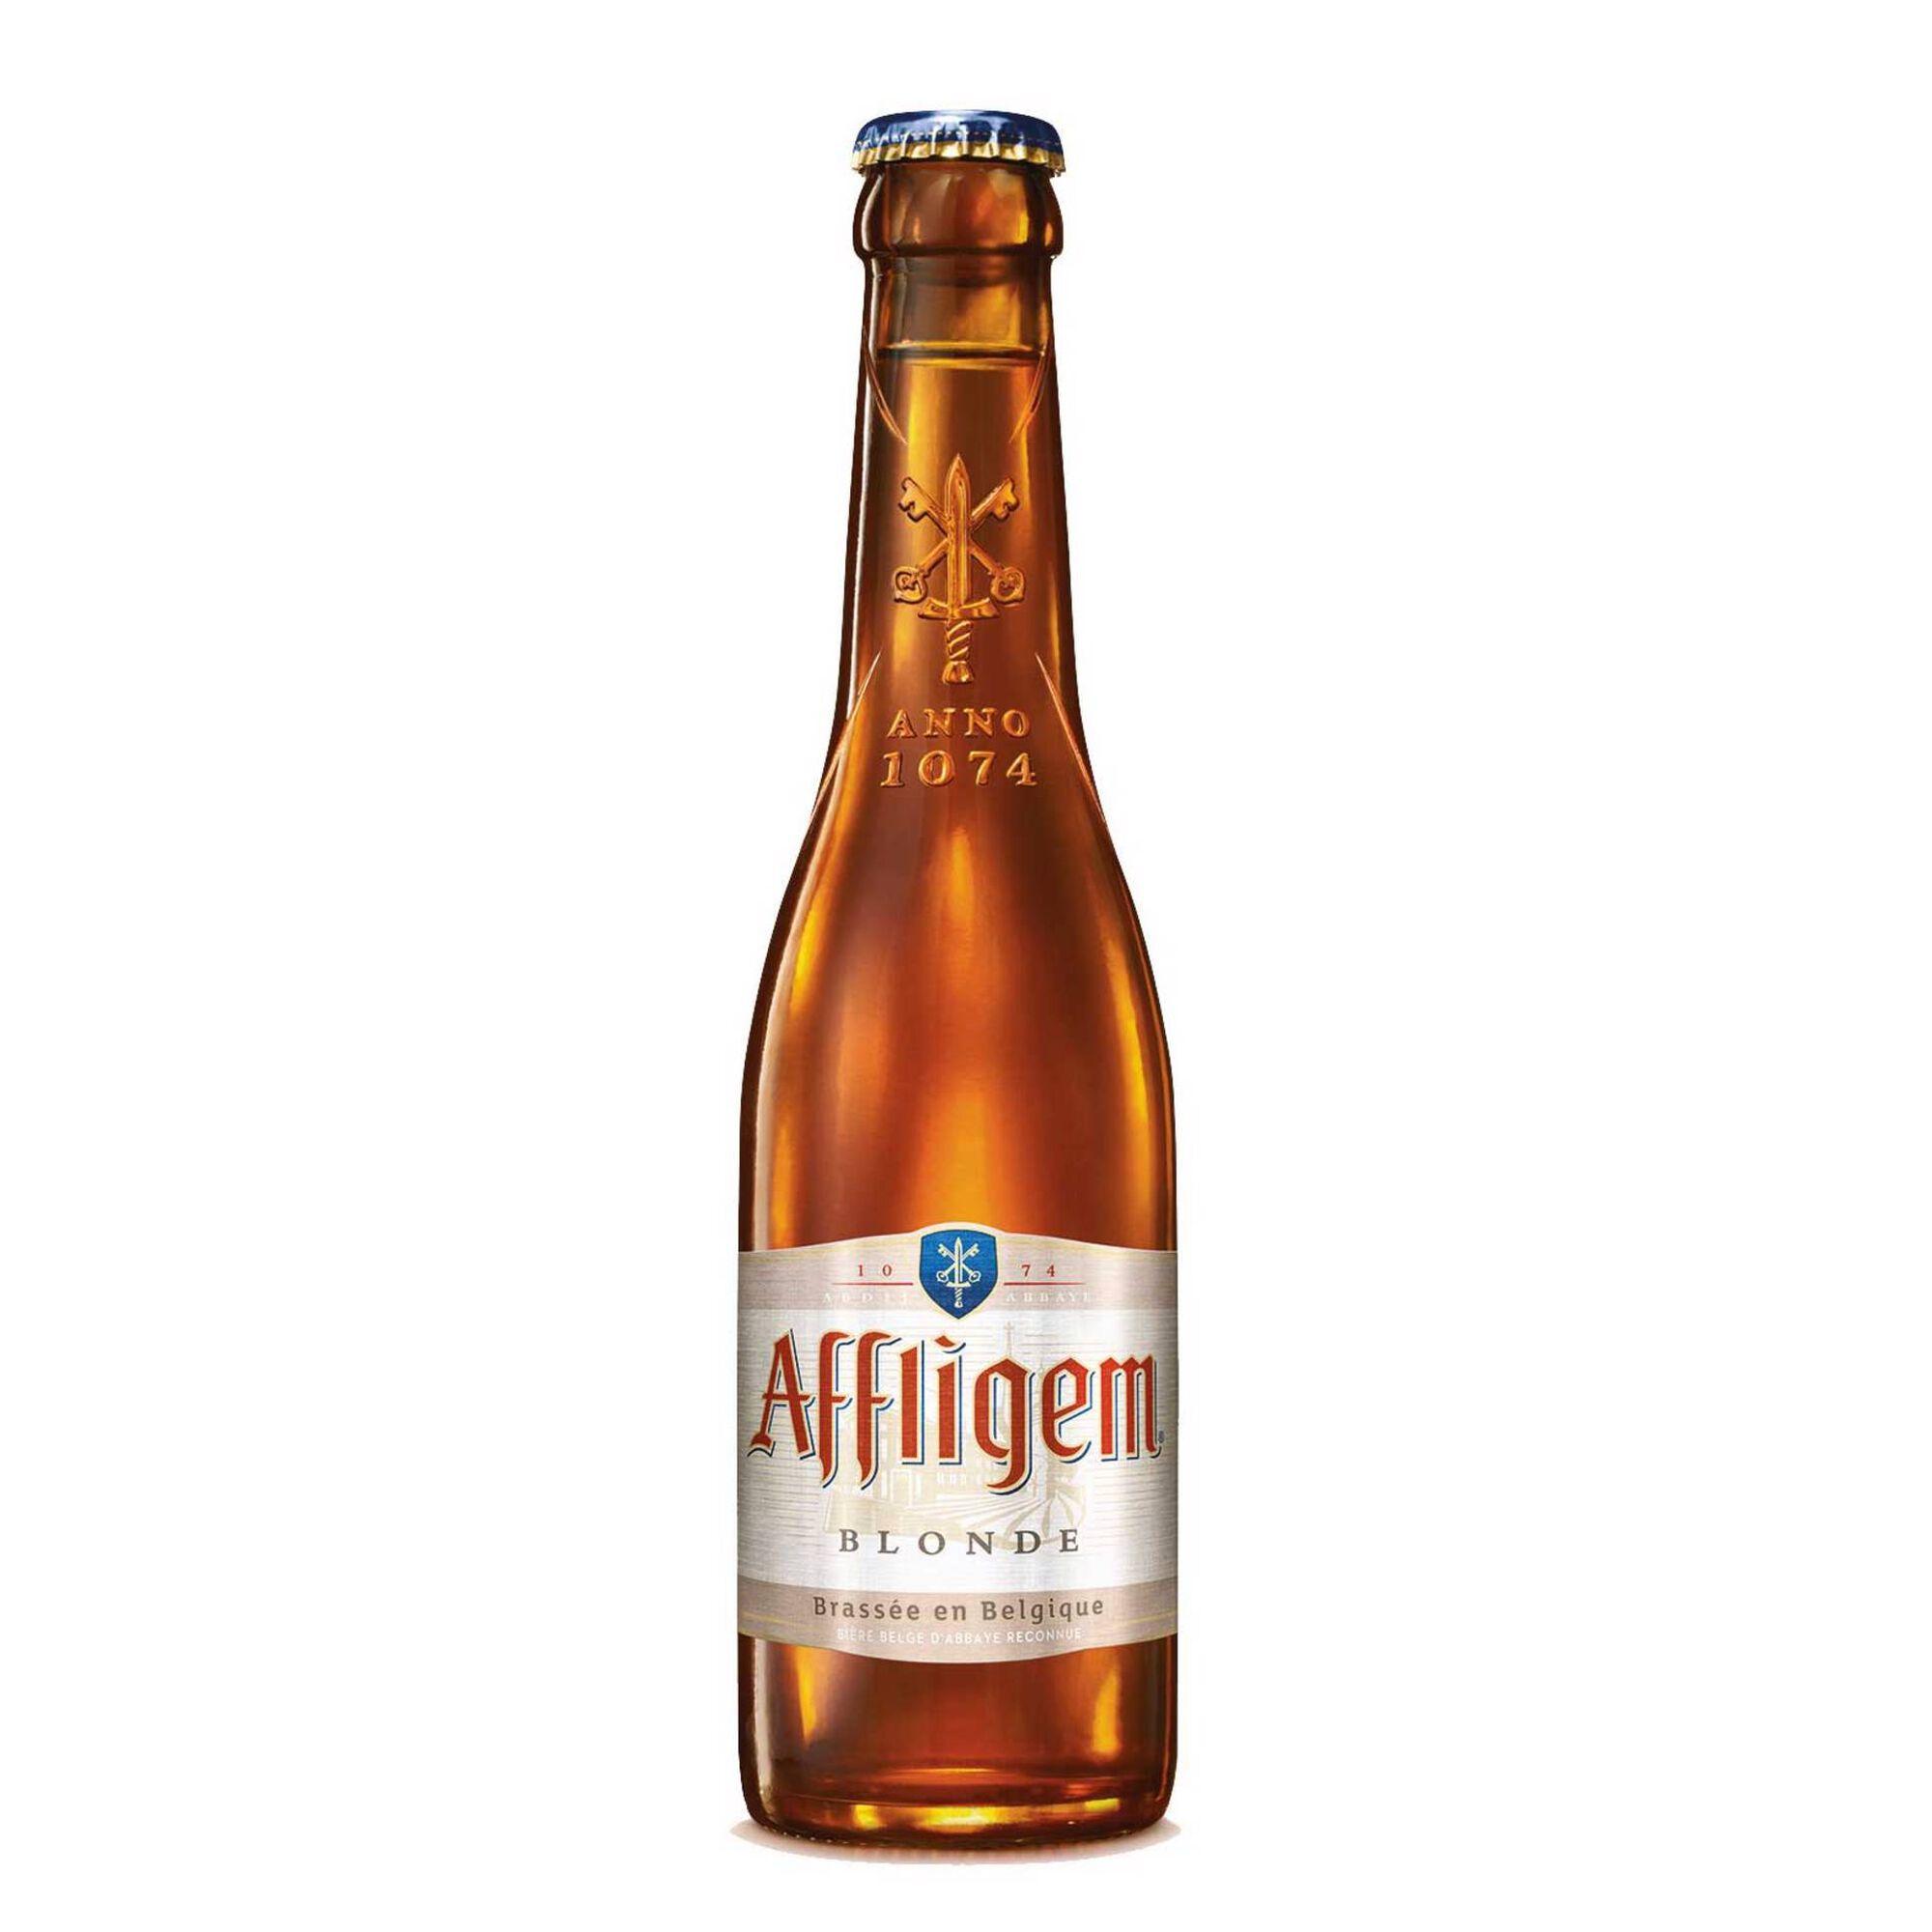 Cerveja com Álcool Blonde